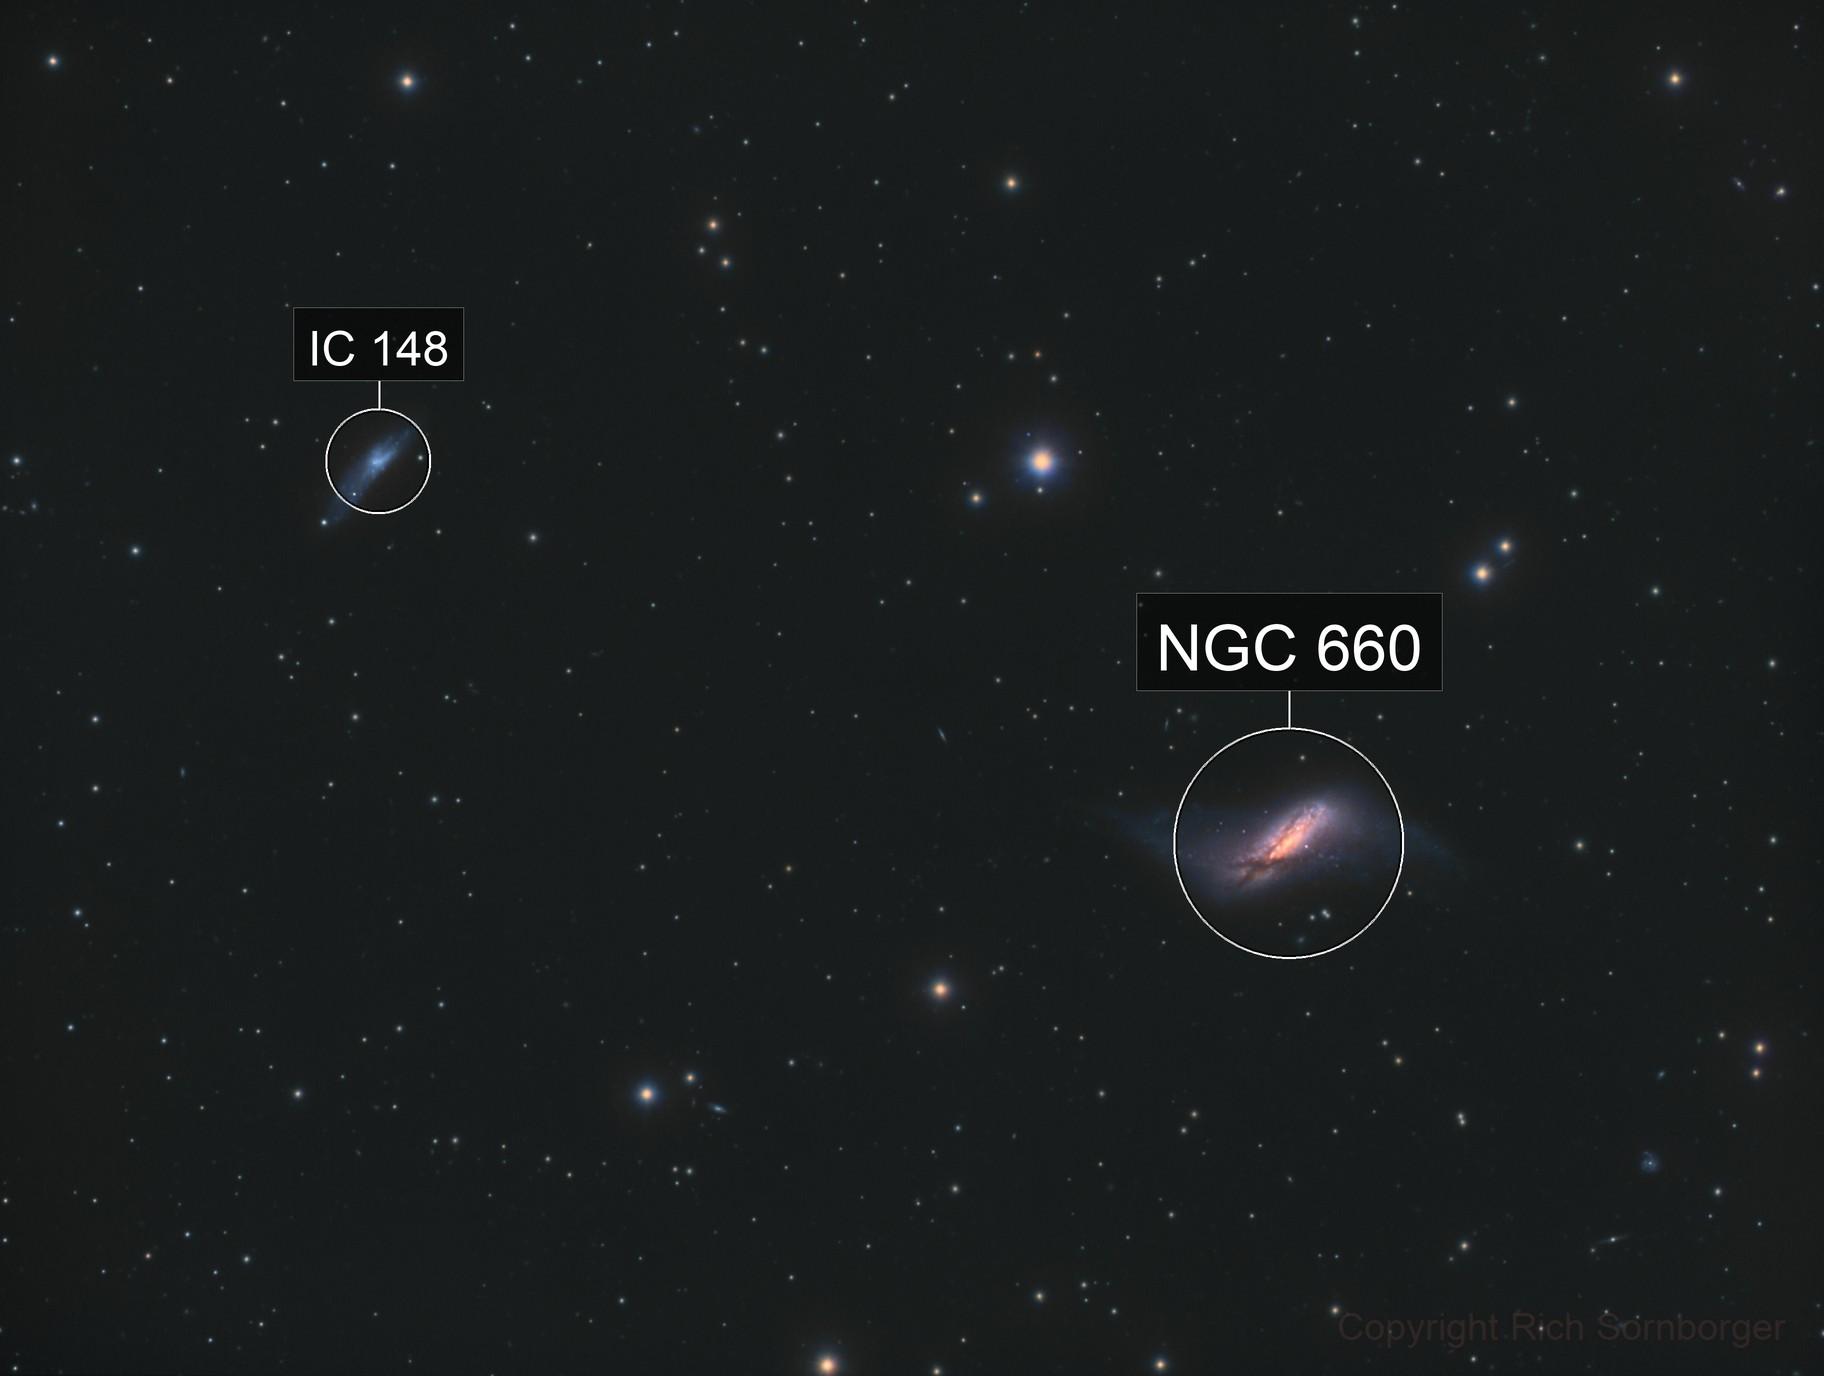 NGC660